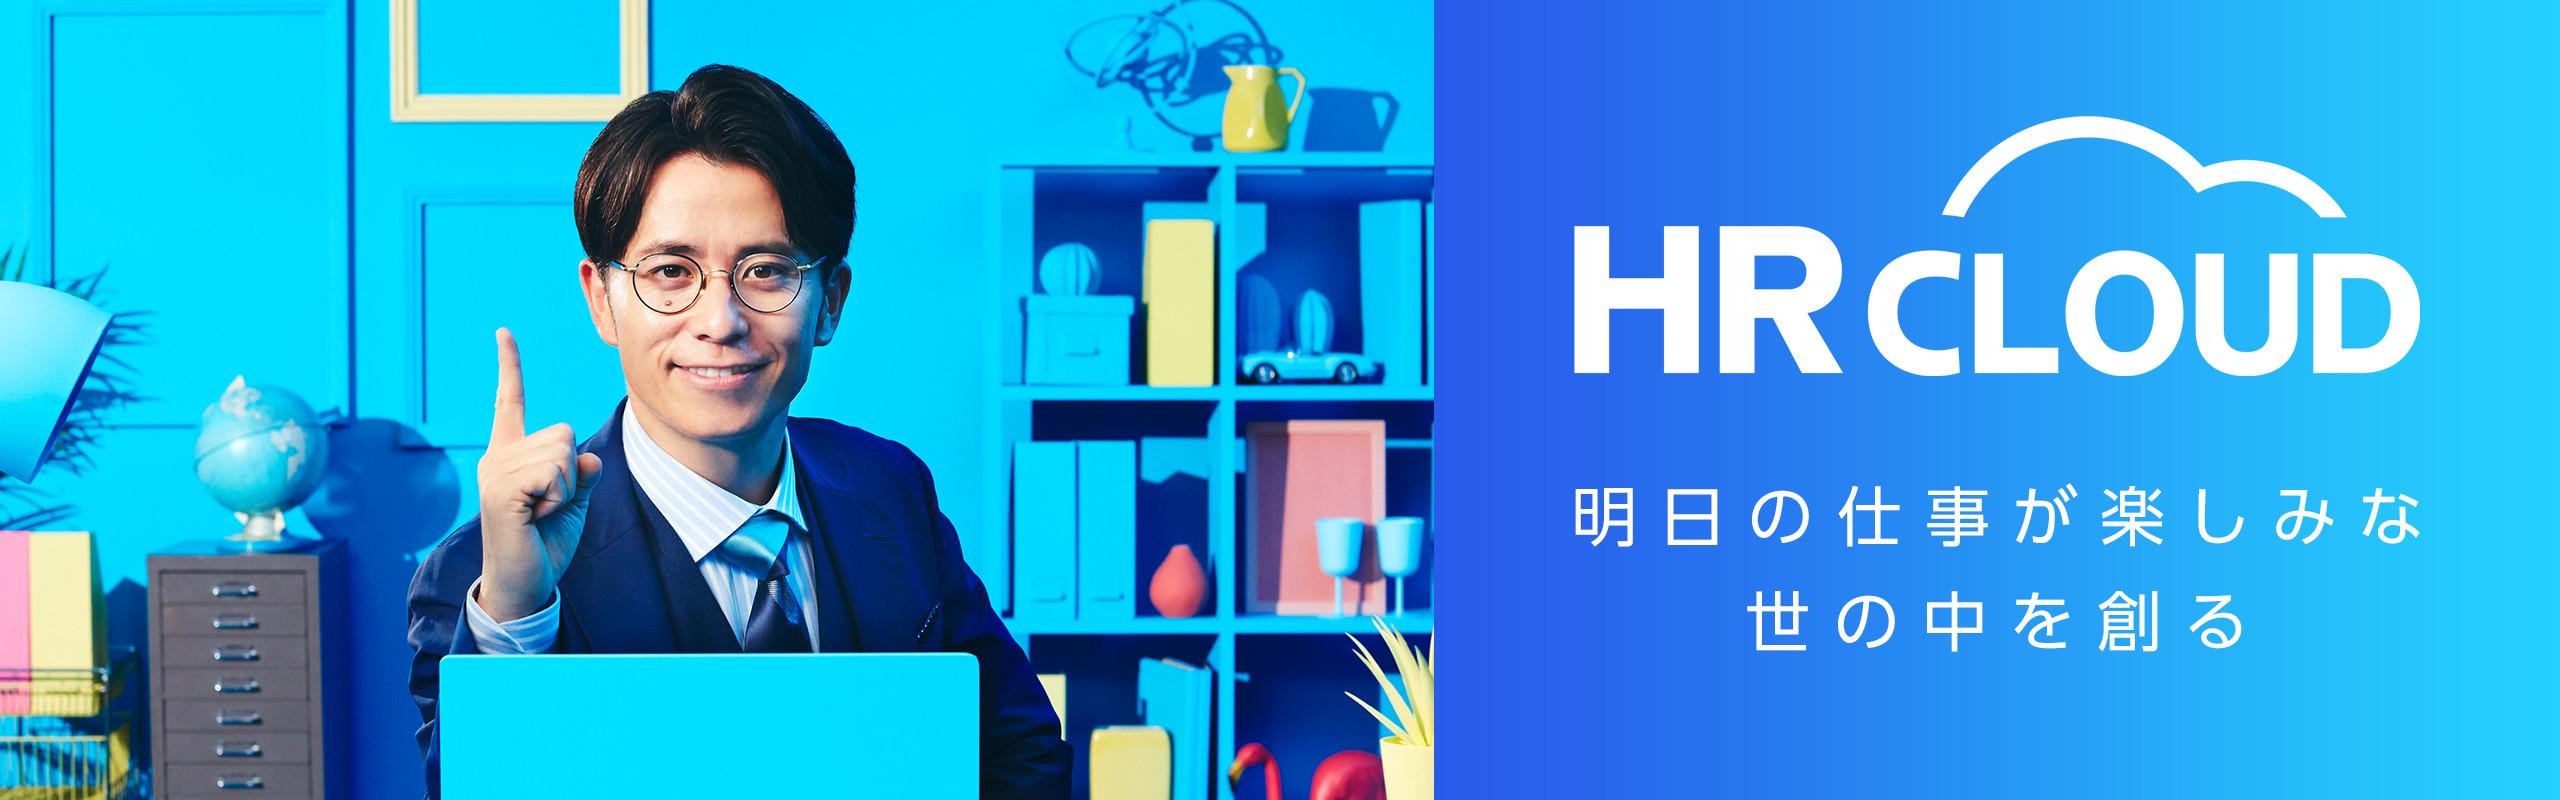 HRクラウド株式会社のイメージ画像